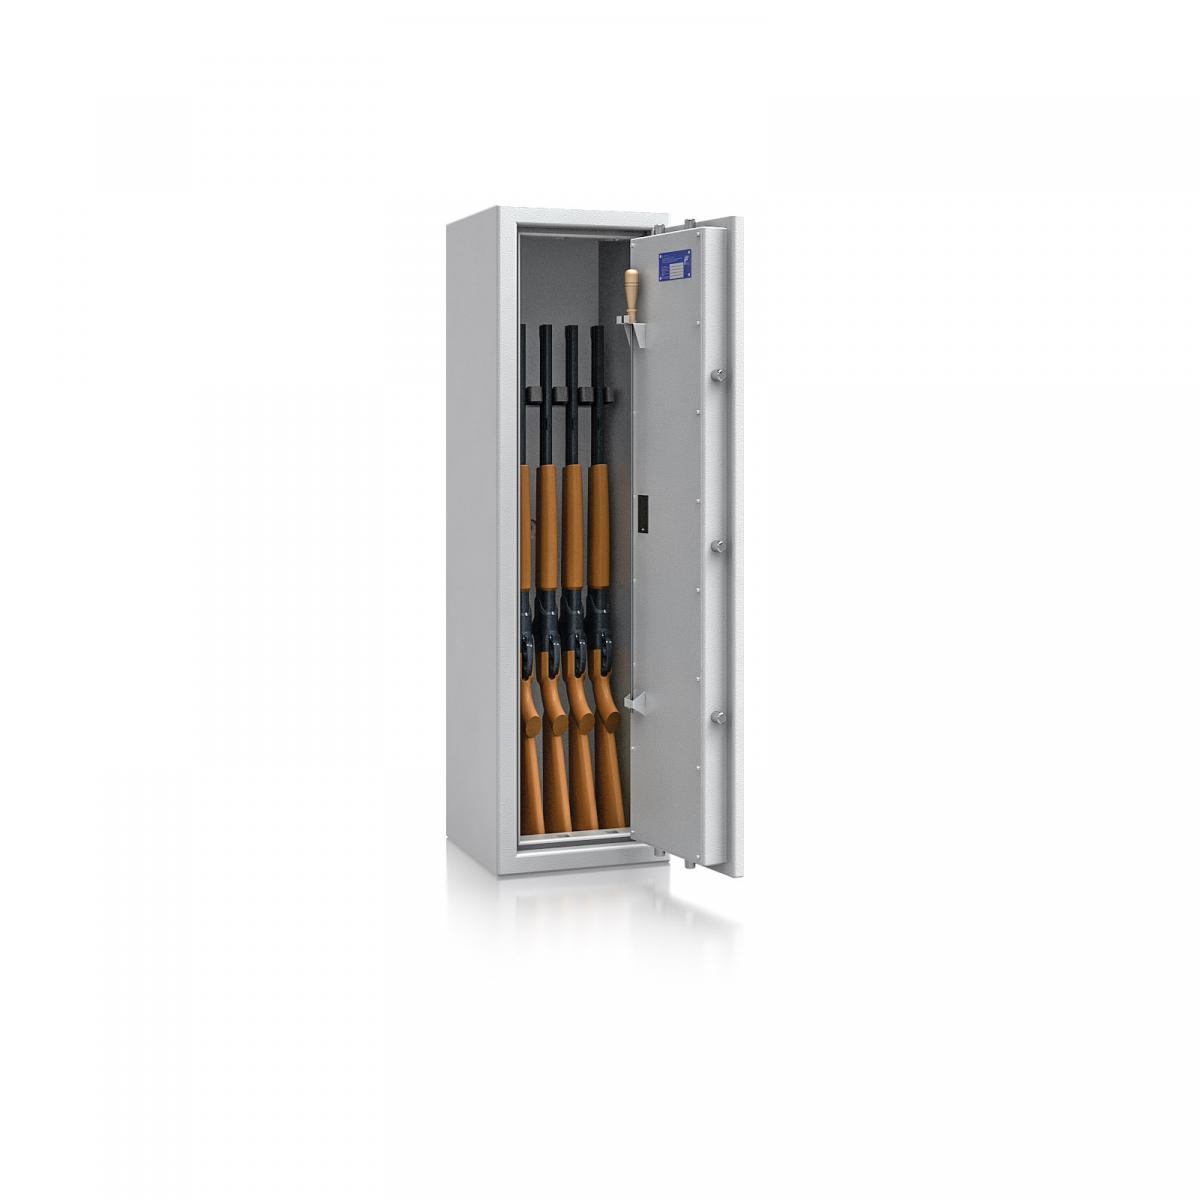 Waffenschrank St. Gallen WF NEW 1 - 1250x350x350 / 109kg 56470 / Klasse I / RAL7035 / Elektr. Basic / DIN R